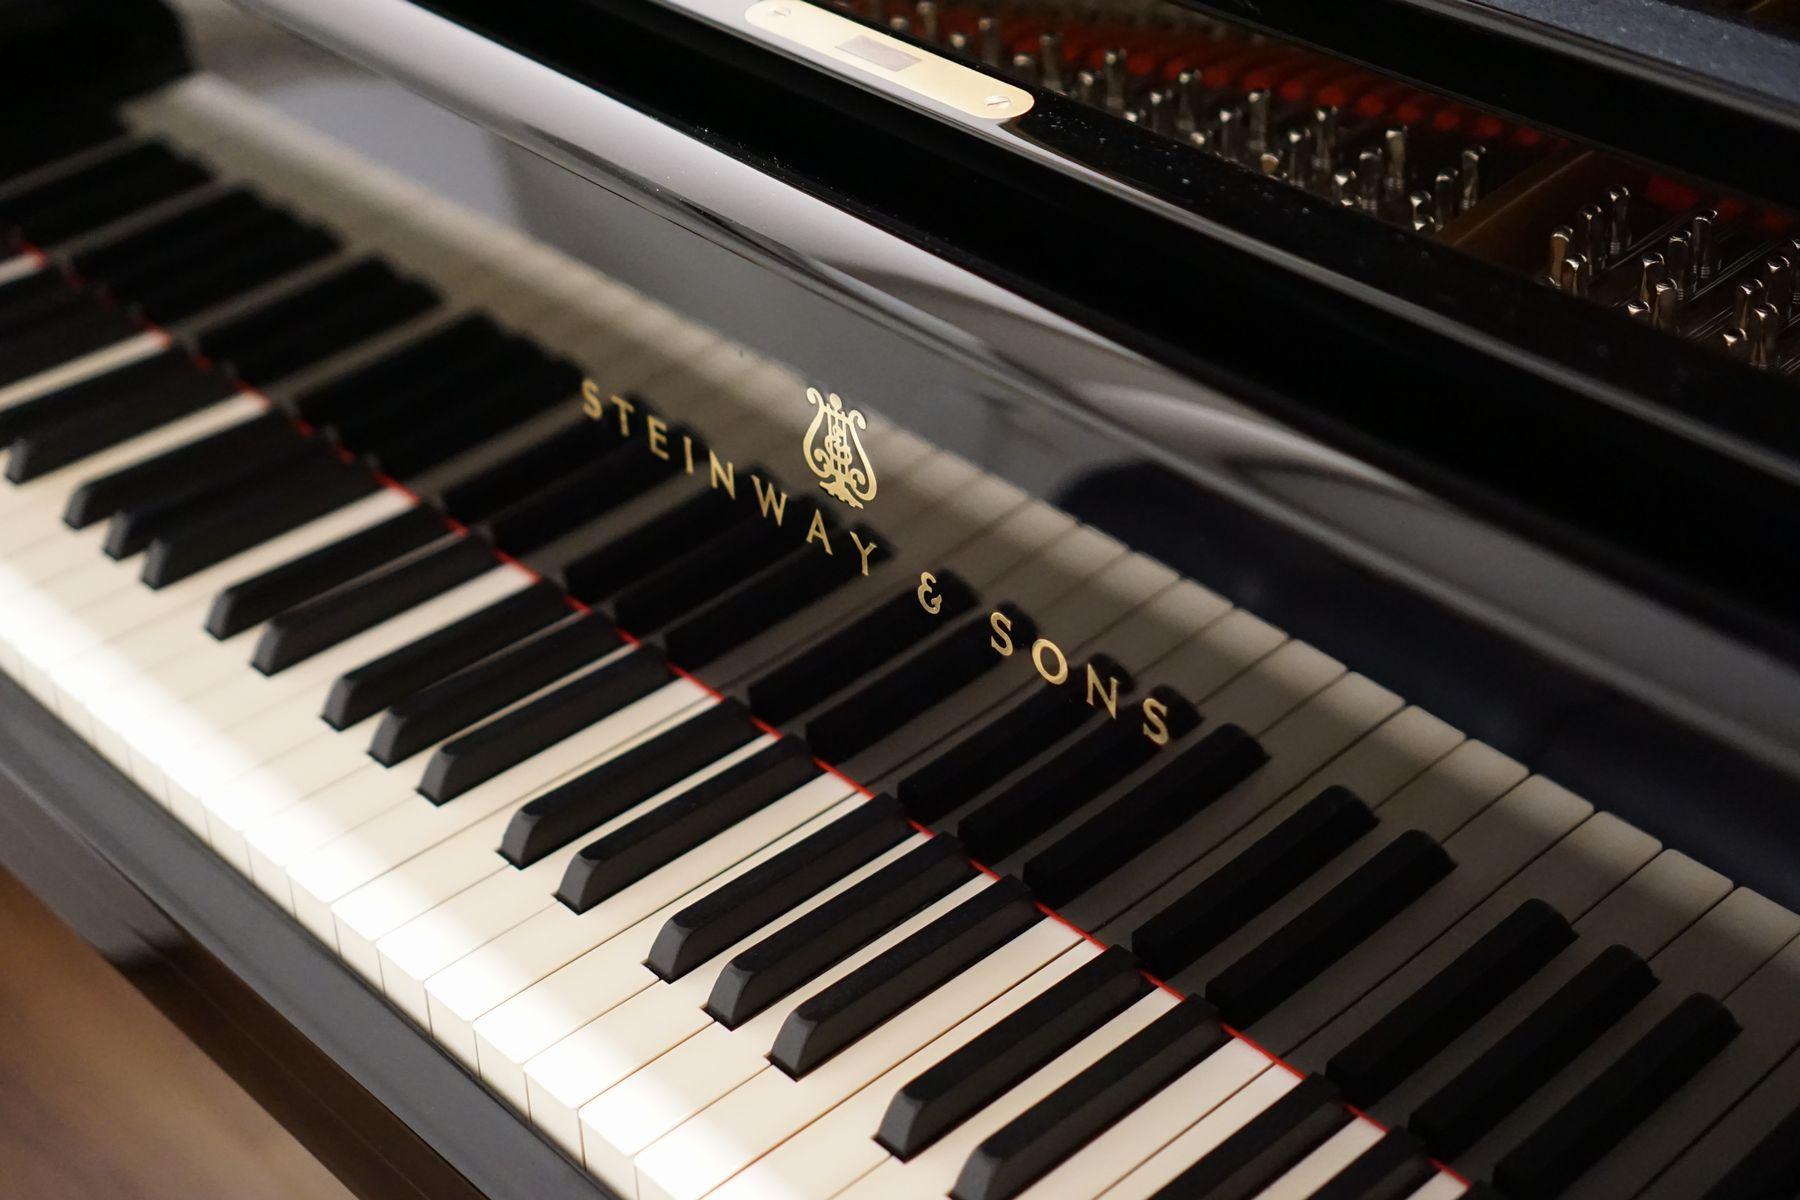 スタジオのピアノの鍵盤